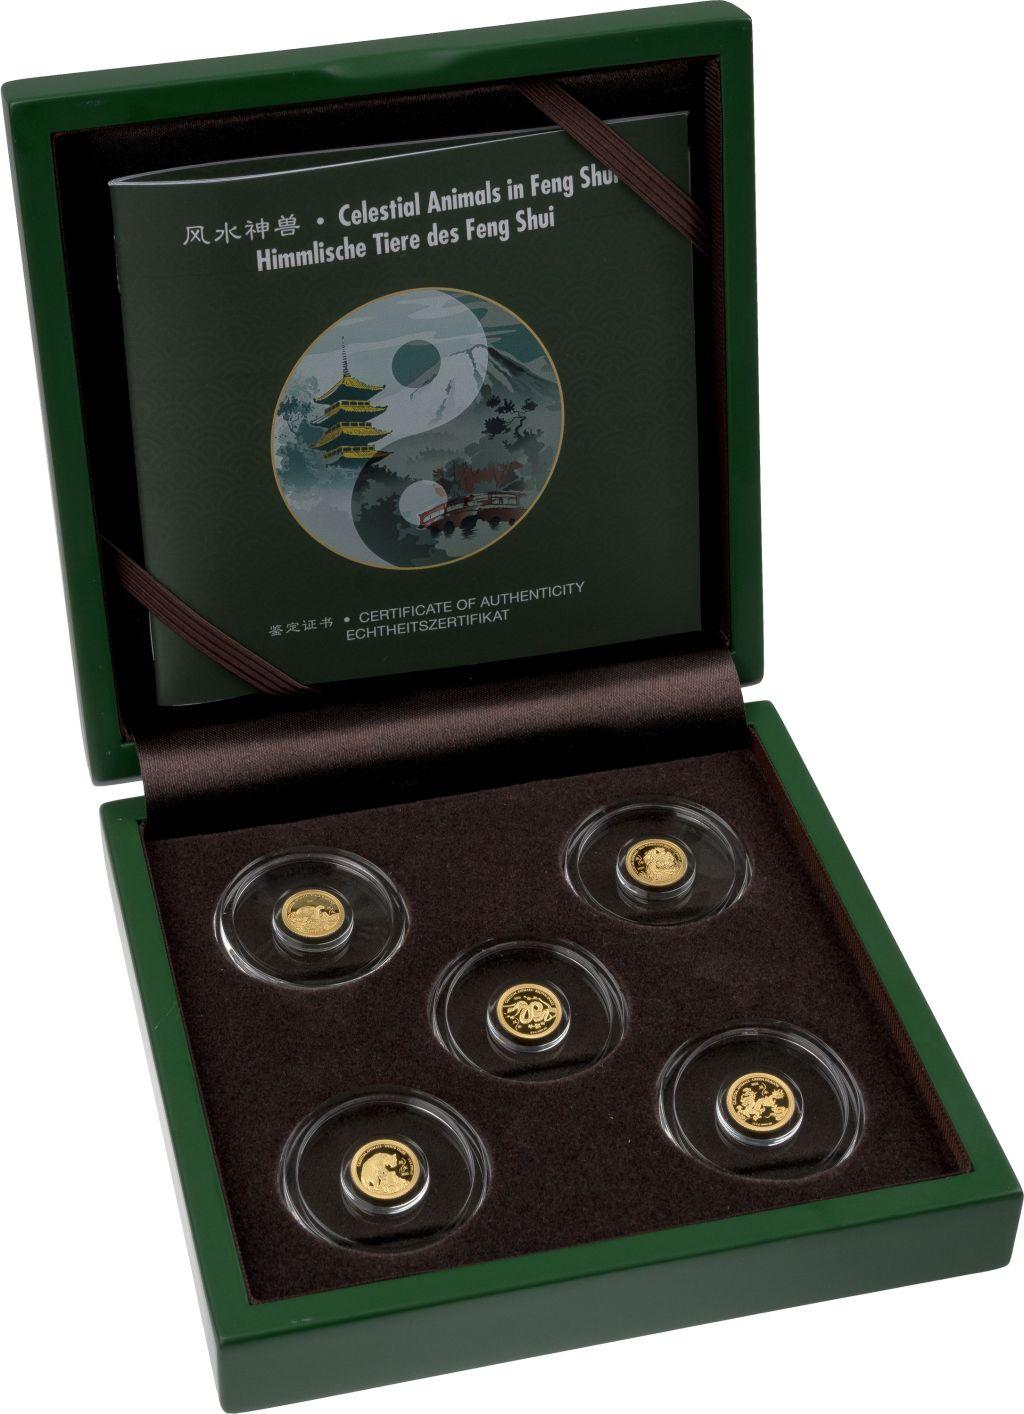 Набор 5 золотых монет Небесные животные фен-шуй